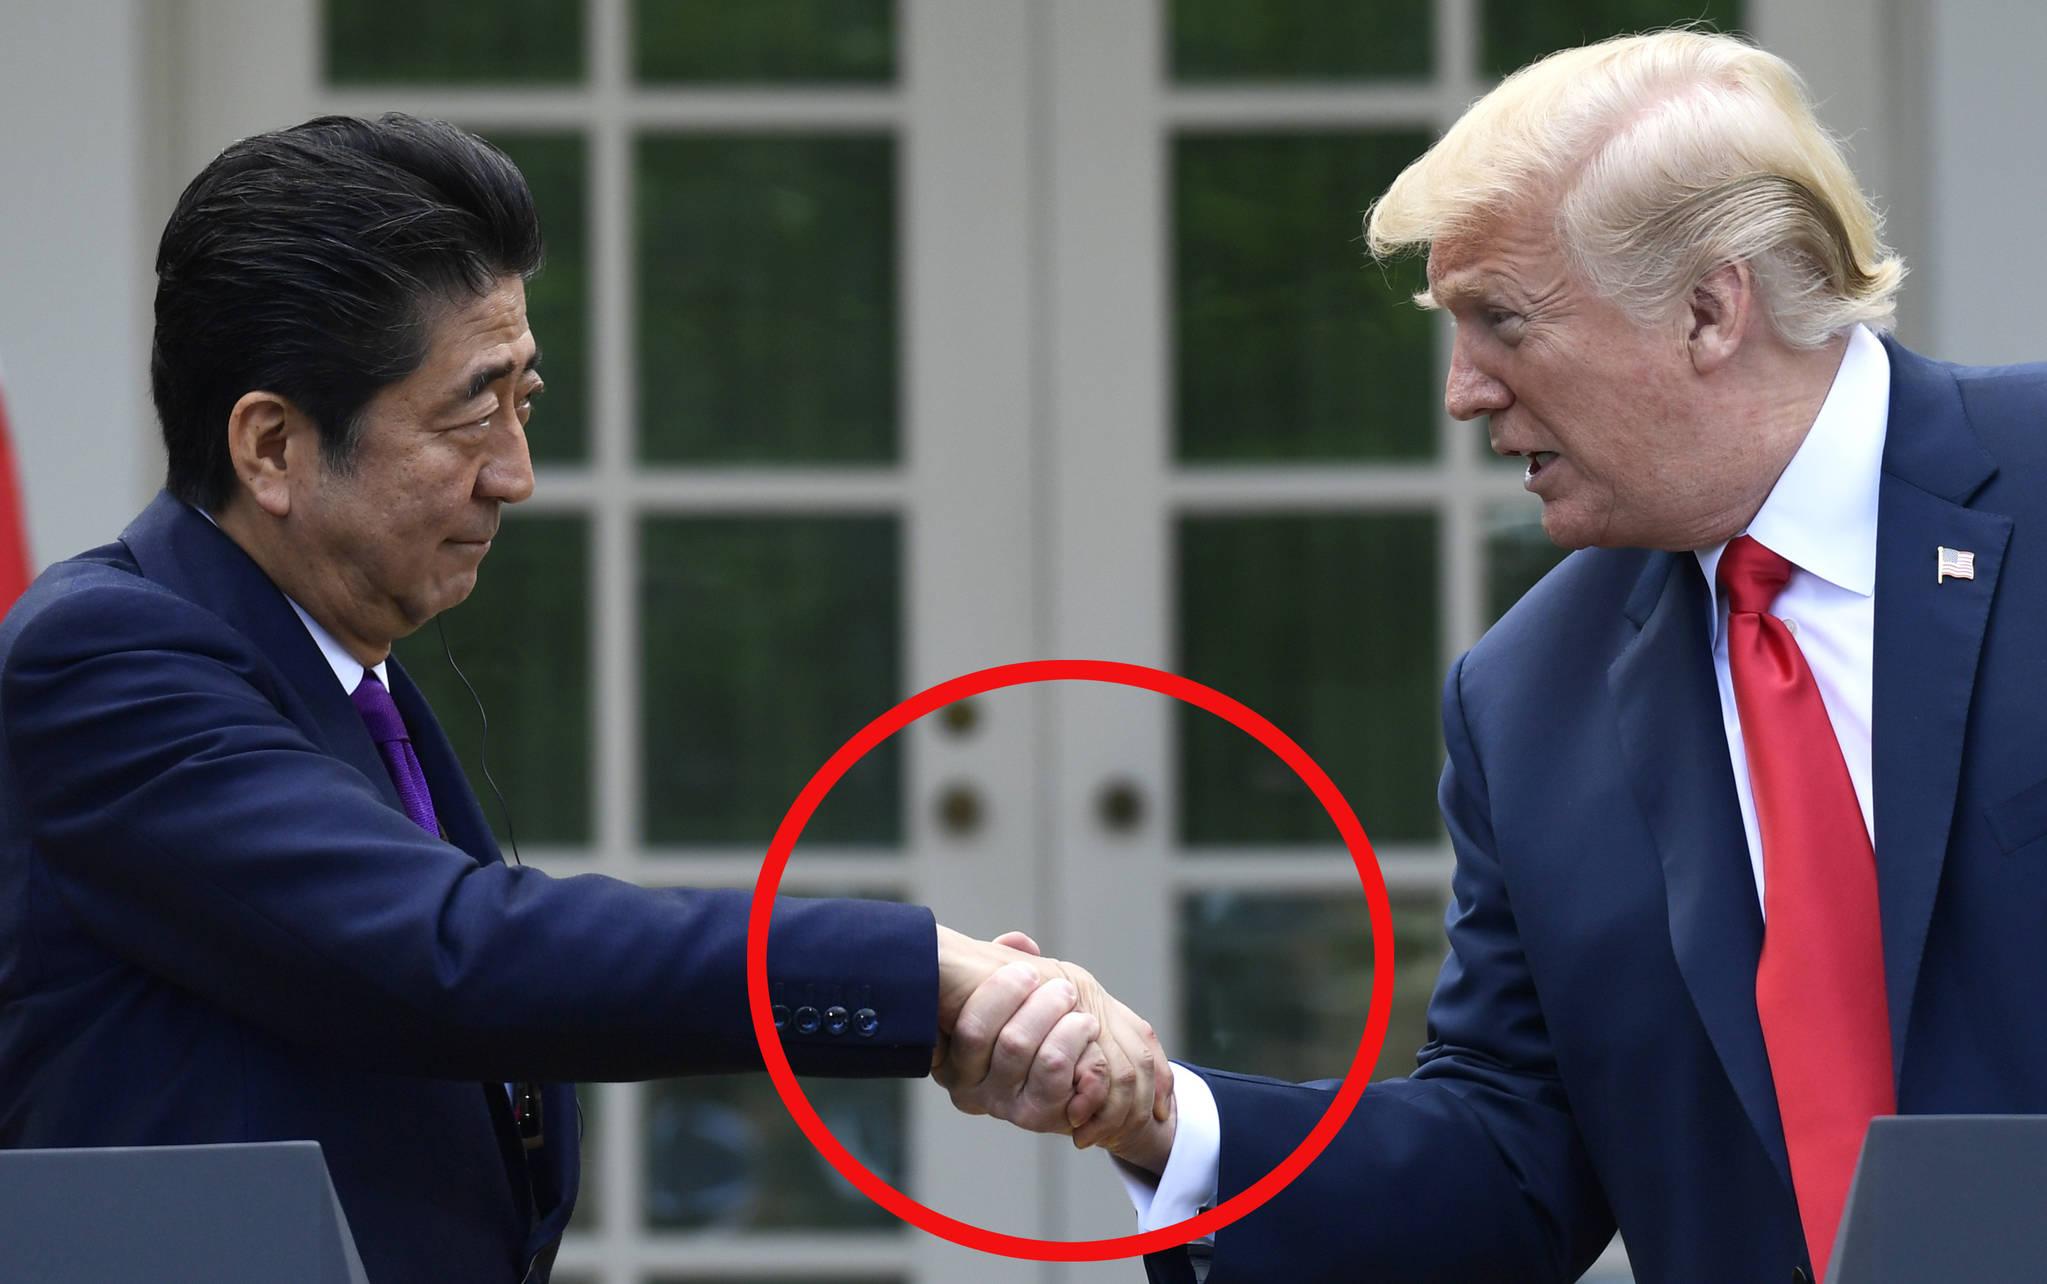 도널드 트럼프 미 대통령과 아베 신조 일본 총리가 지난 6월 7일 워싱턴 백악관 로즈 가든(Rose Garden)에서 열린 기자 회견에서 악수 나누는 장면.[AP=연합뉴스]